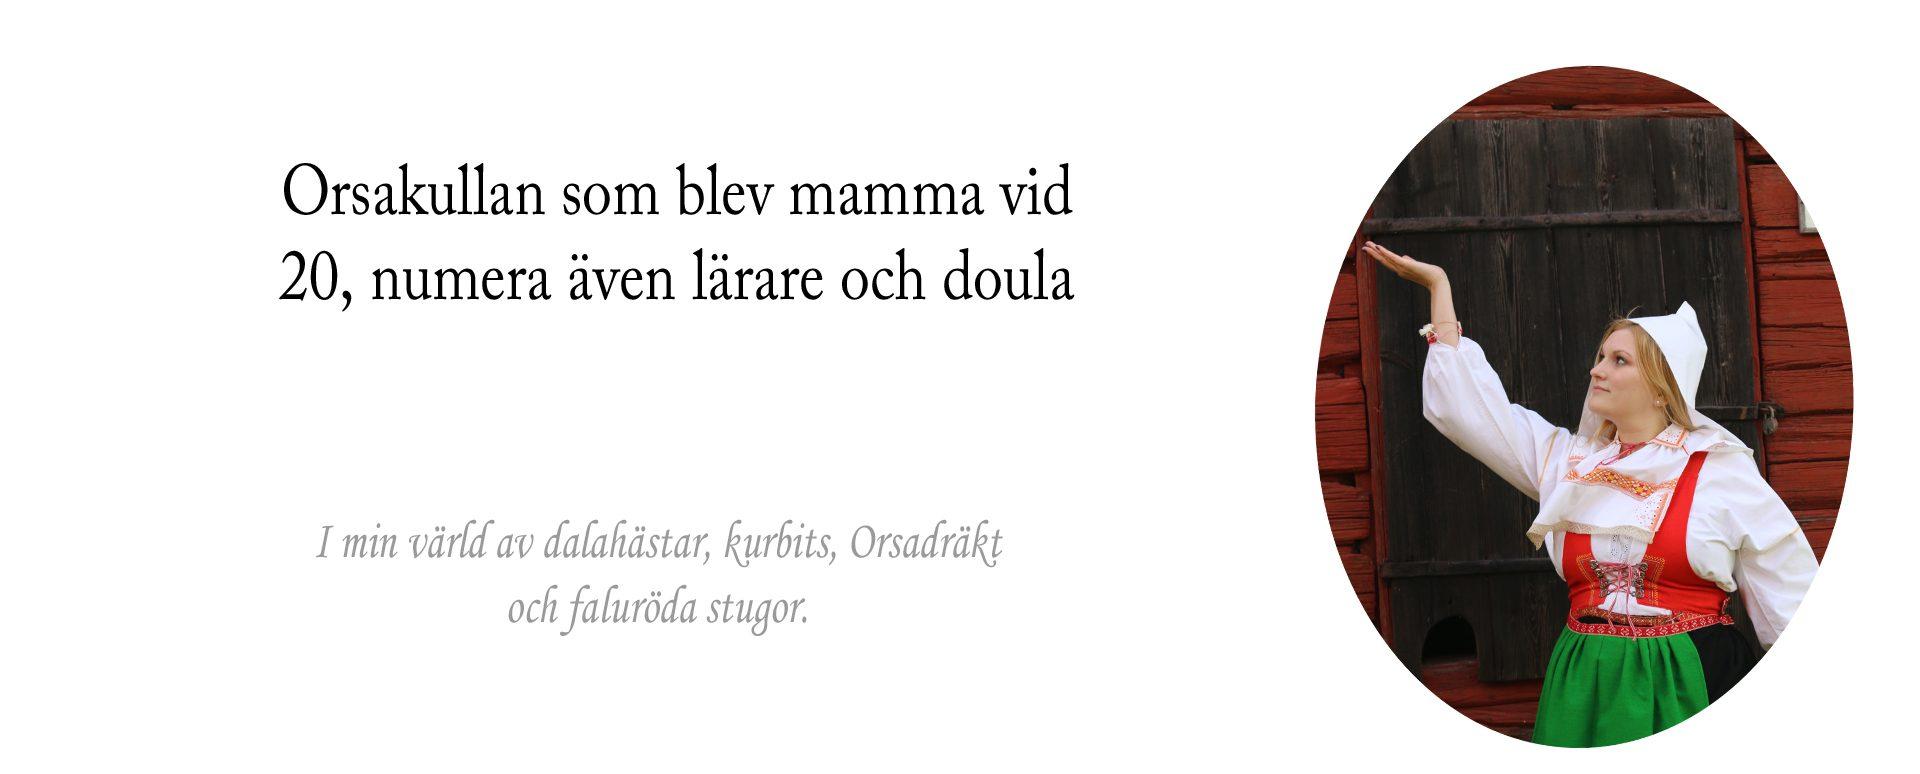 ★ Orsakullan som blev mamma vid 20, numera även lärare och doula ★